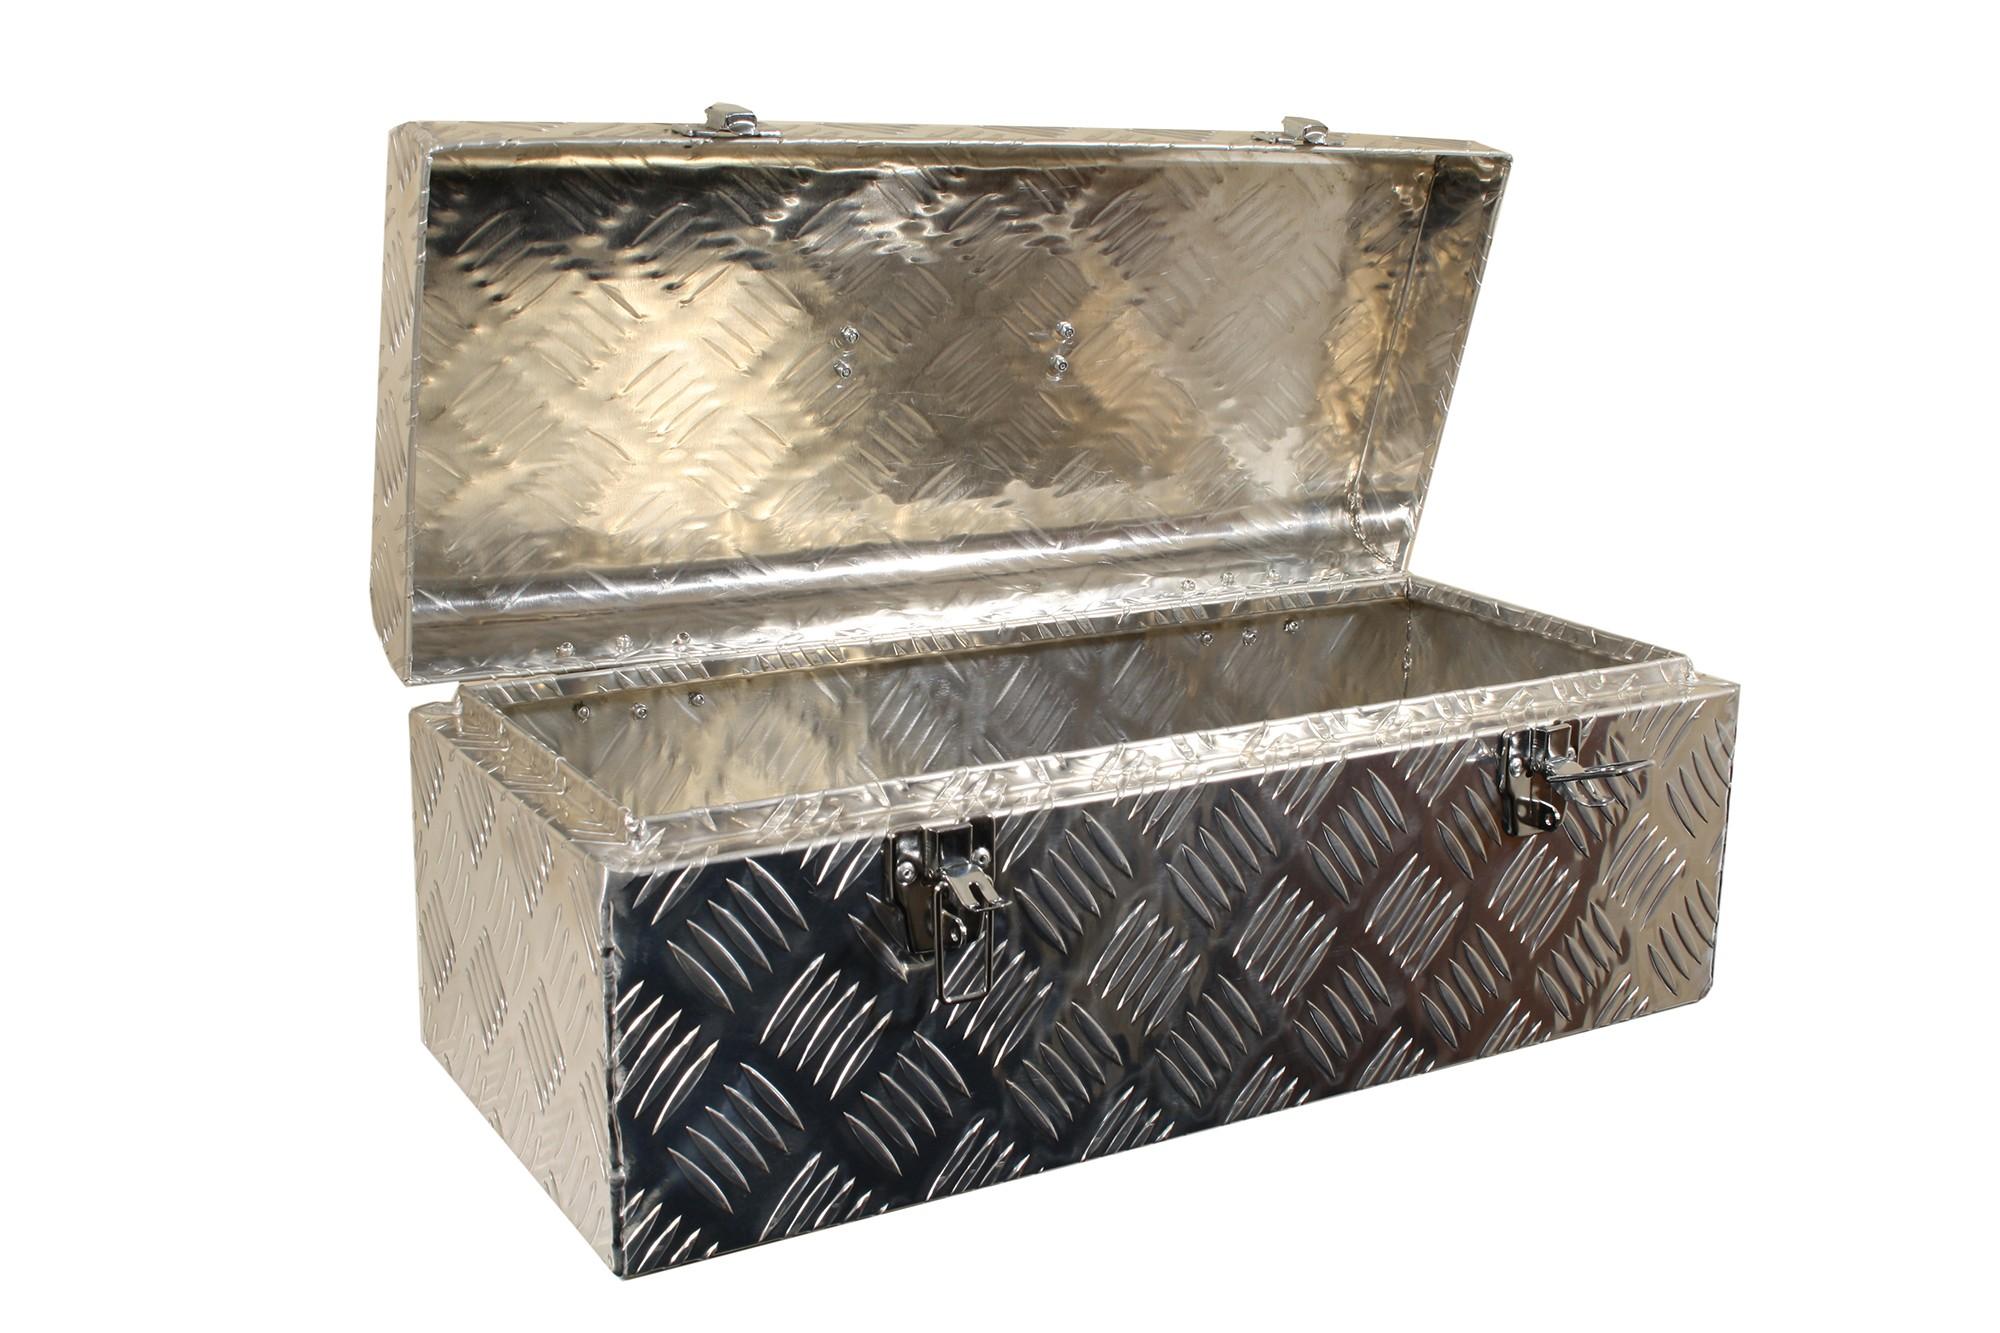 Aluminium Tool Box - 54x25x24